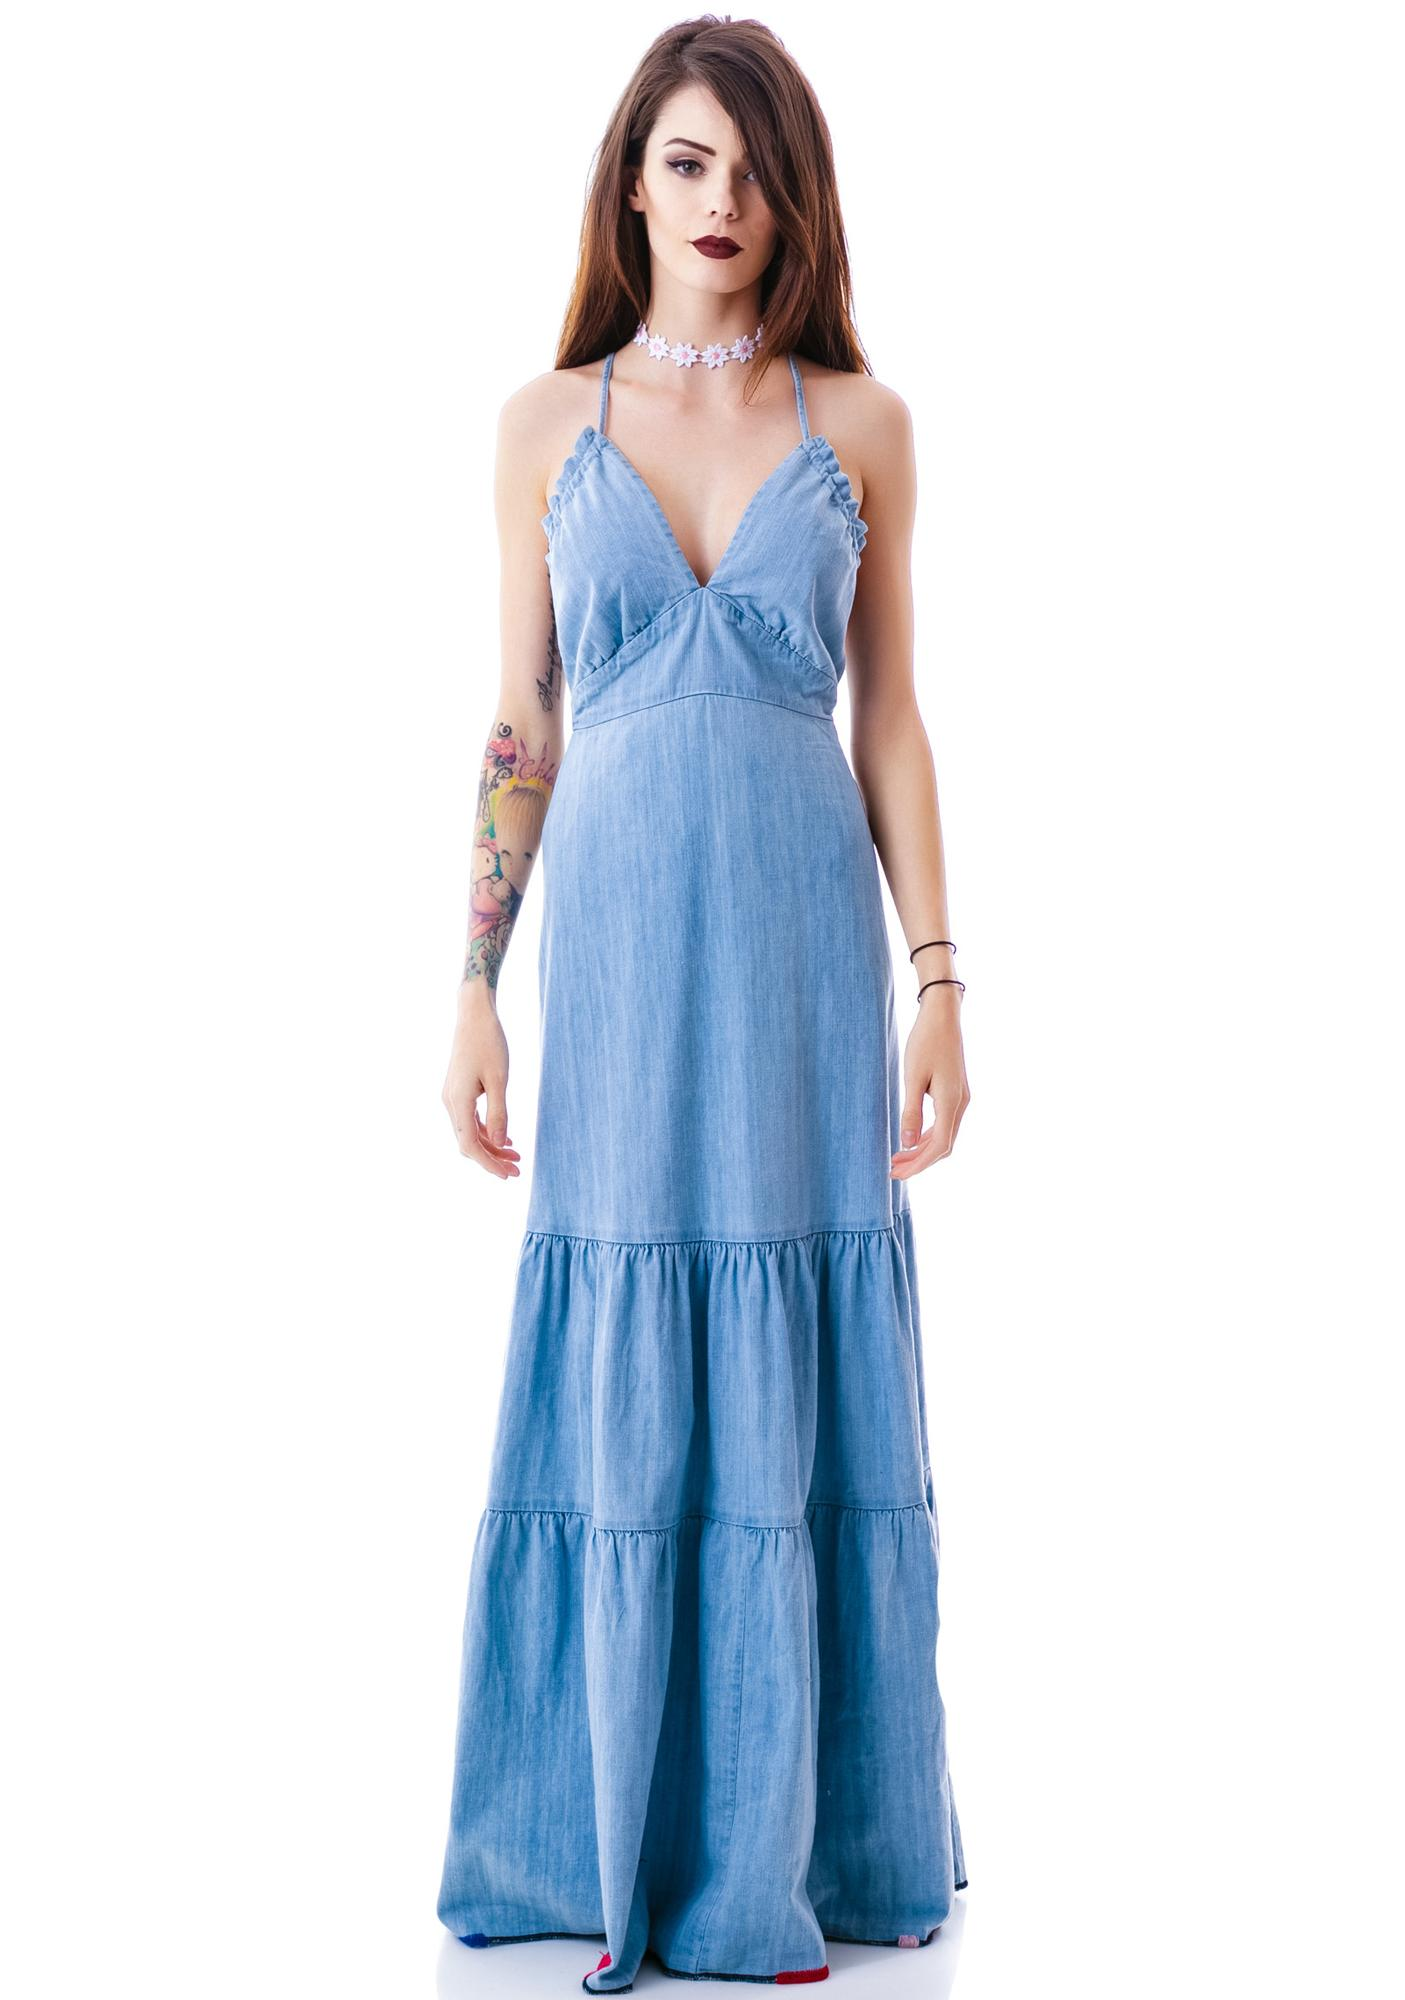 Wildfox Couture Mirabelle Dazed Denim Dress